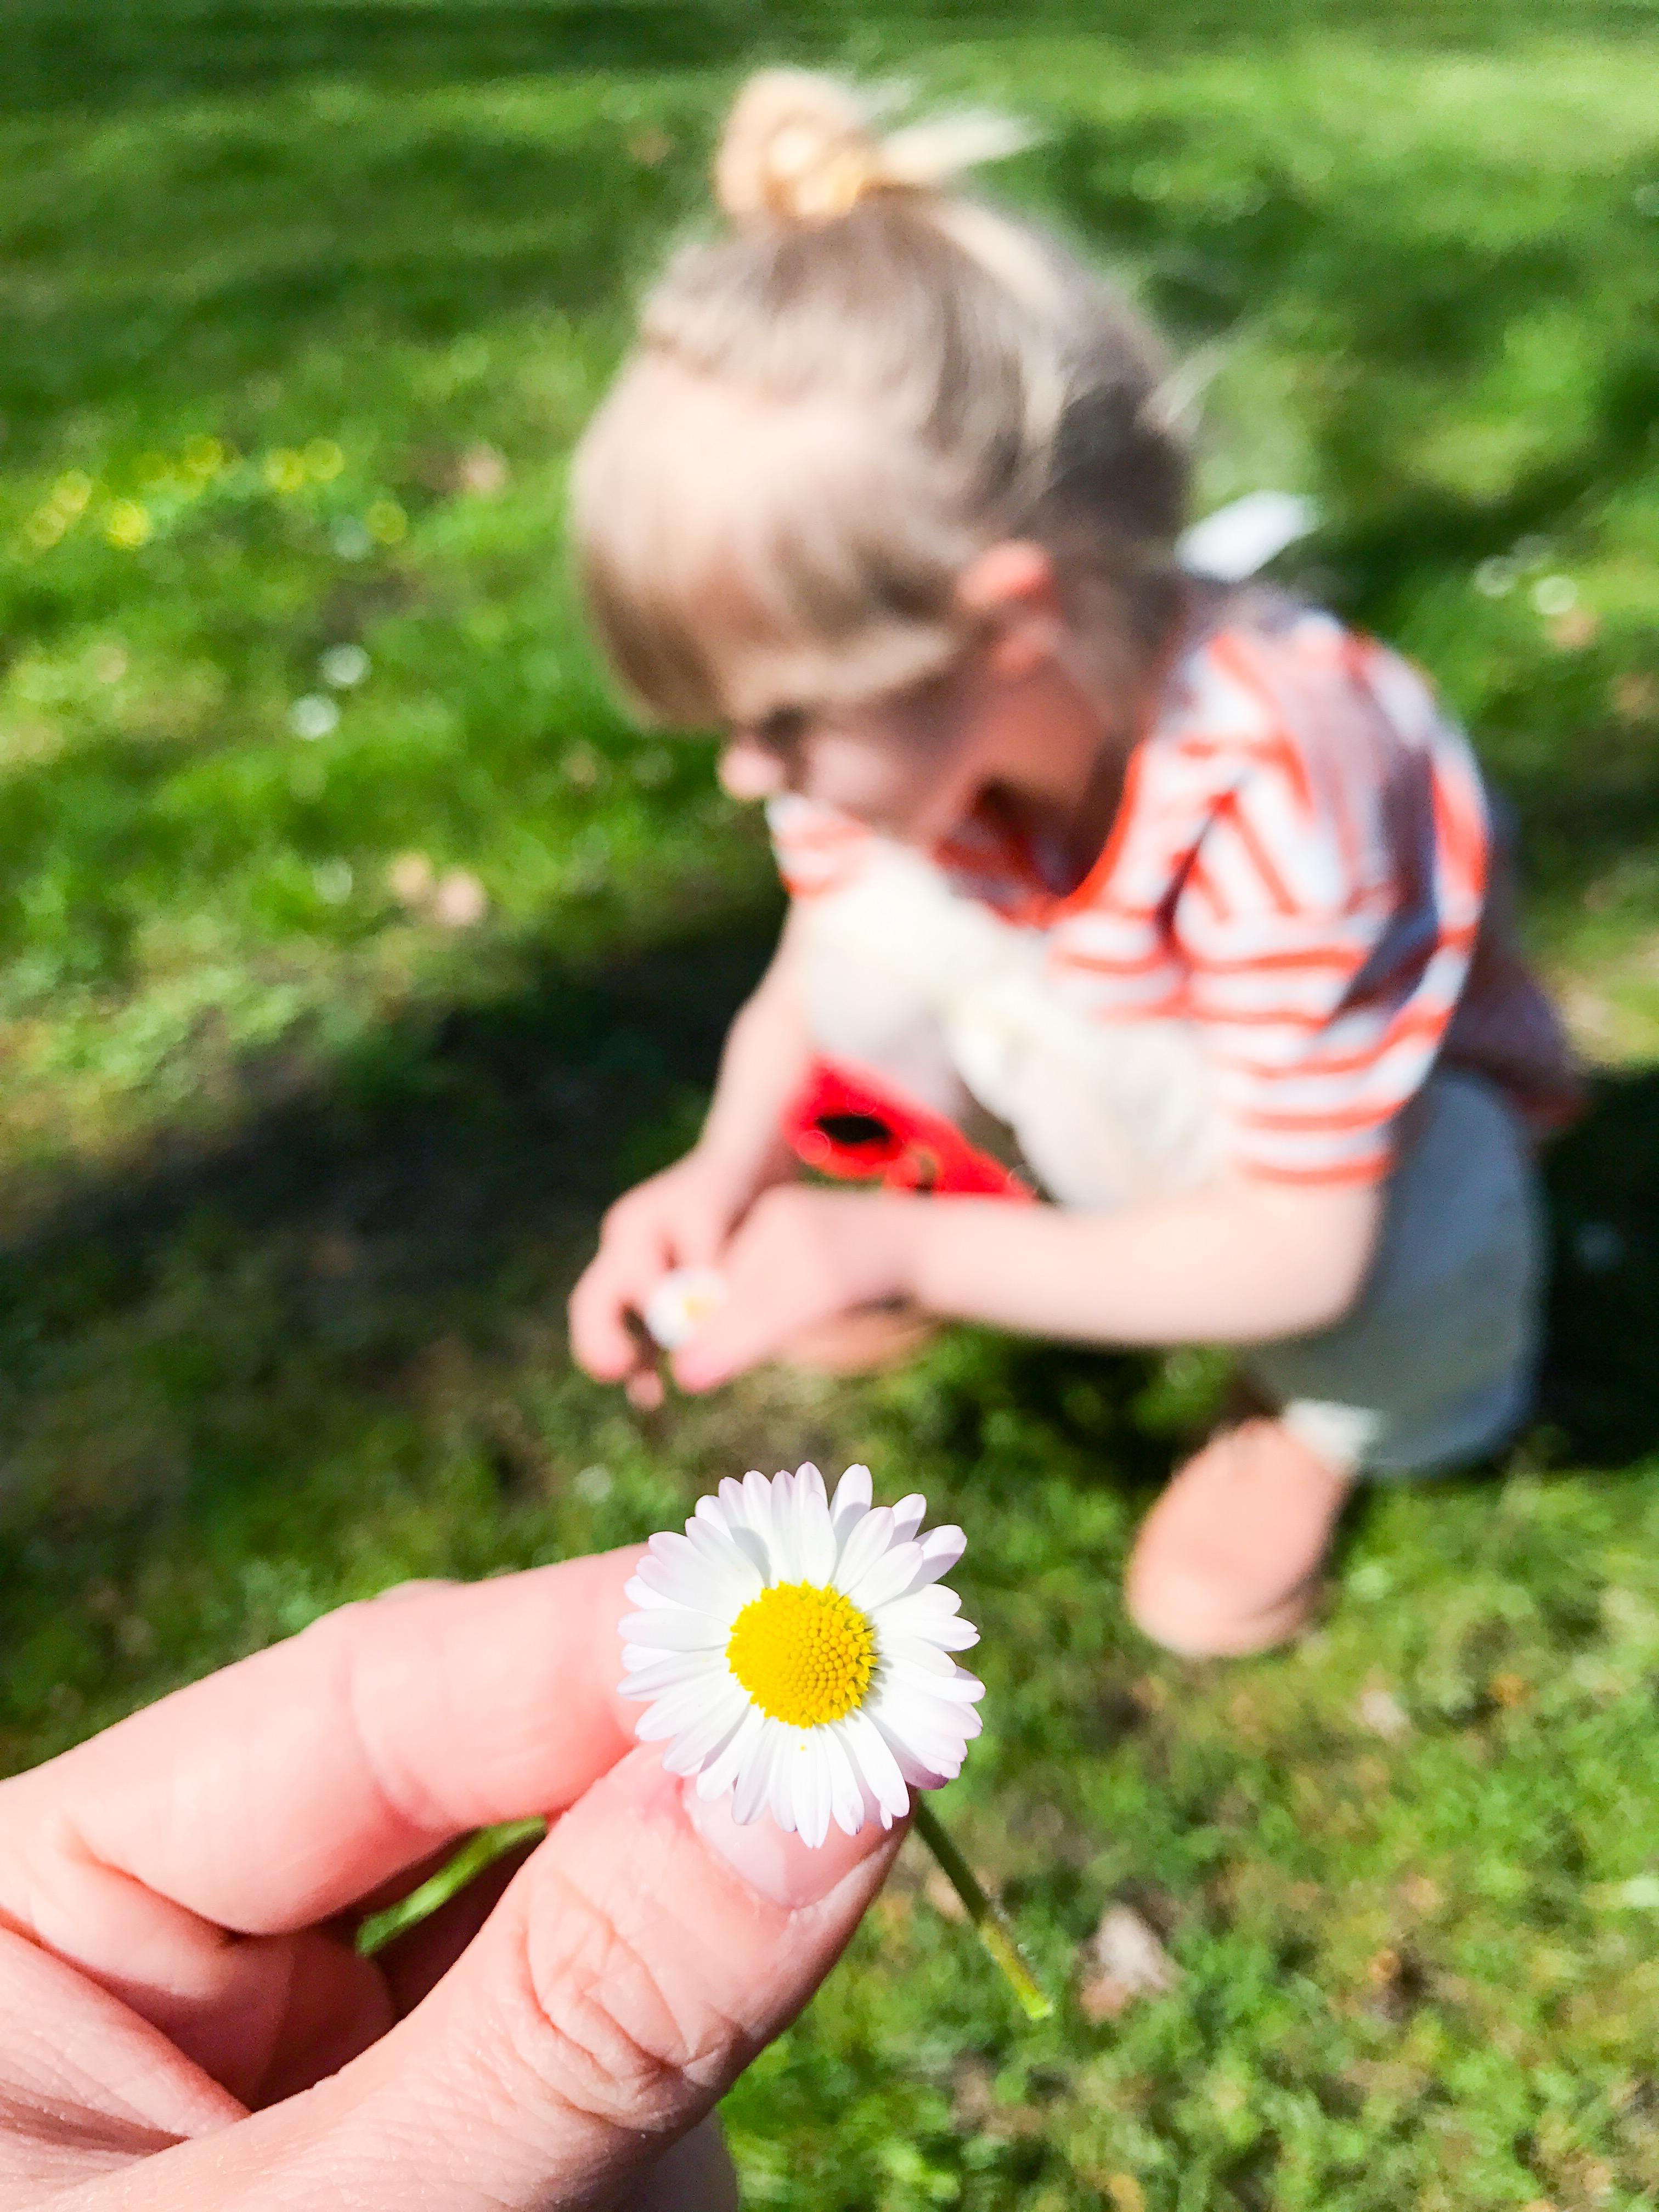 Warum ein Tag mit nur einem Kind sich anfühlt wie Urlaub - ein Kind ist kein Kind.